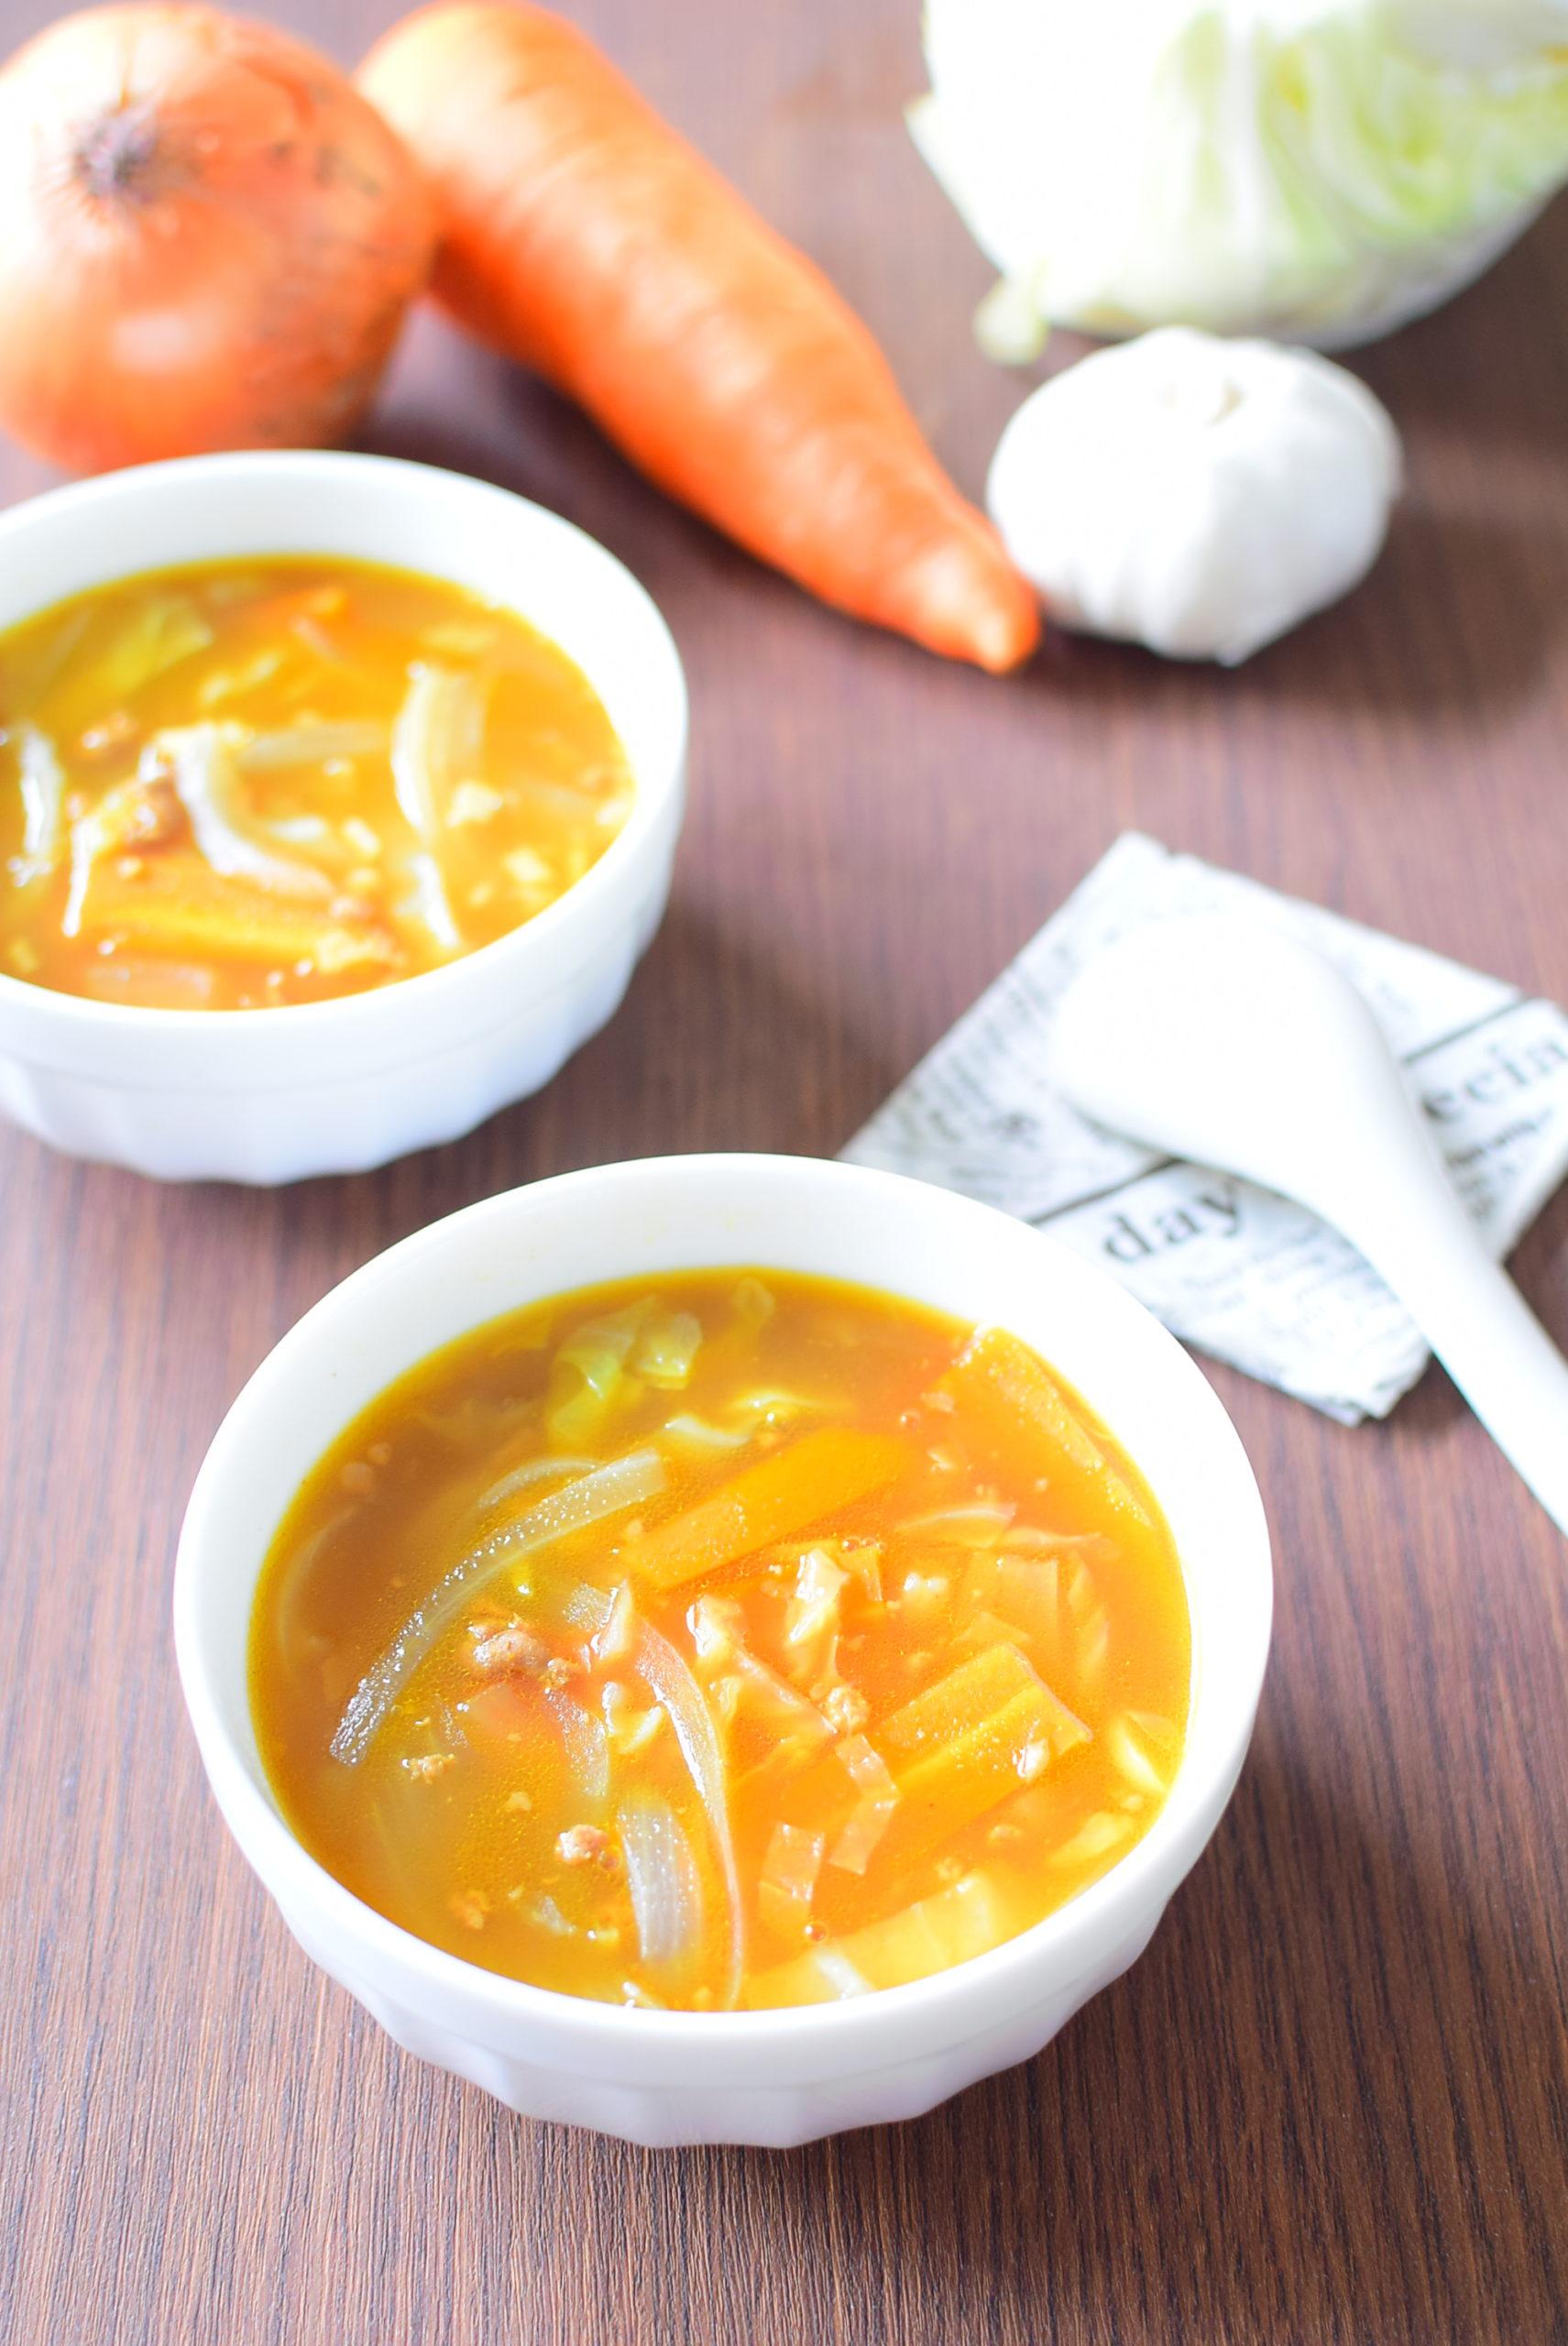 カレールーで作る美味しい野菜スープのレシピの写真